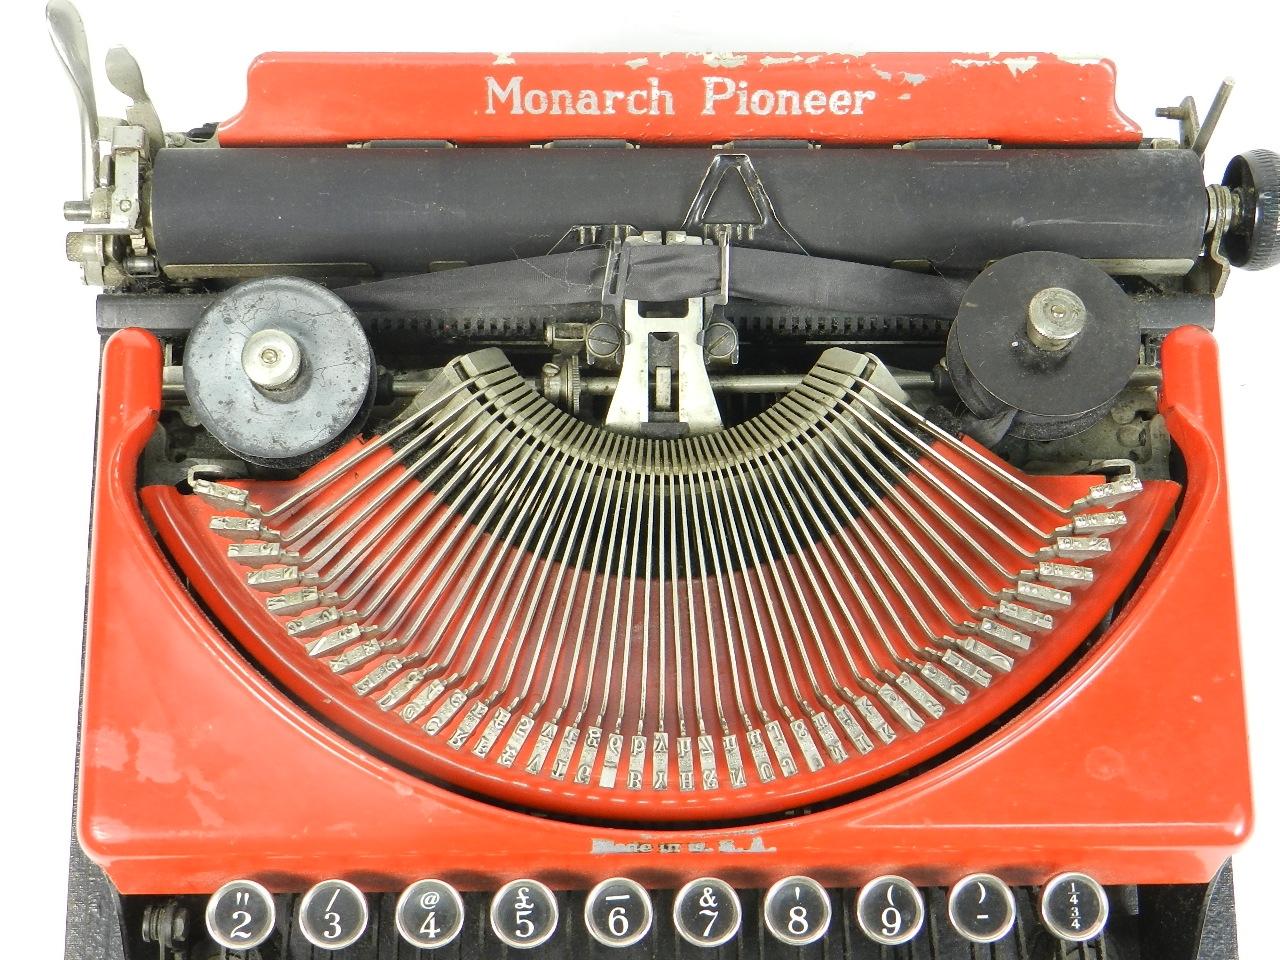 Imagen REMINGTON MONARCH PIONEER AÑO 1932 29930